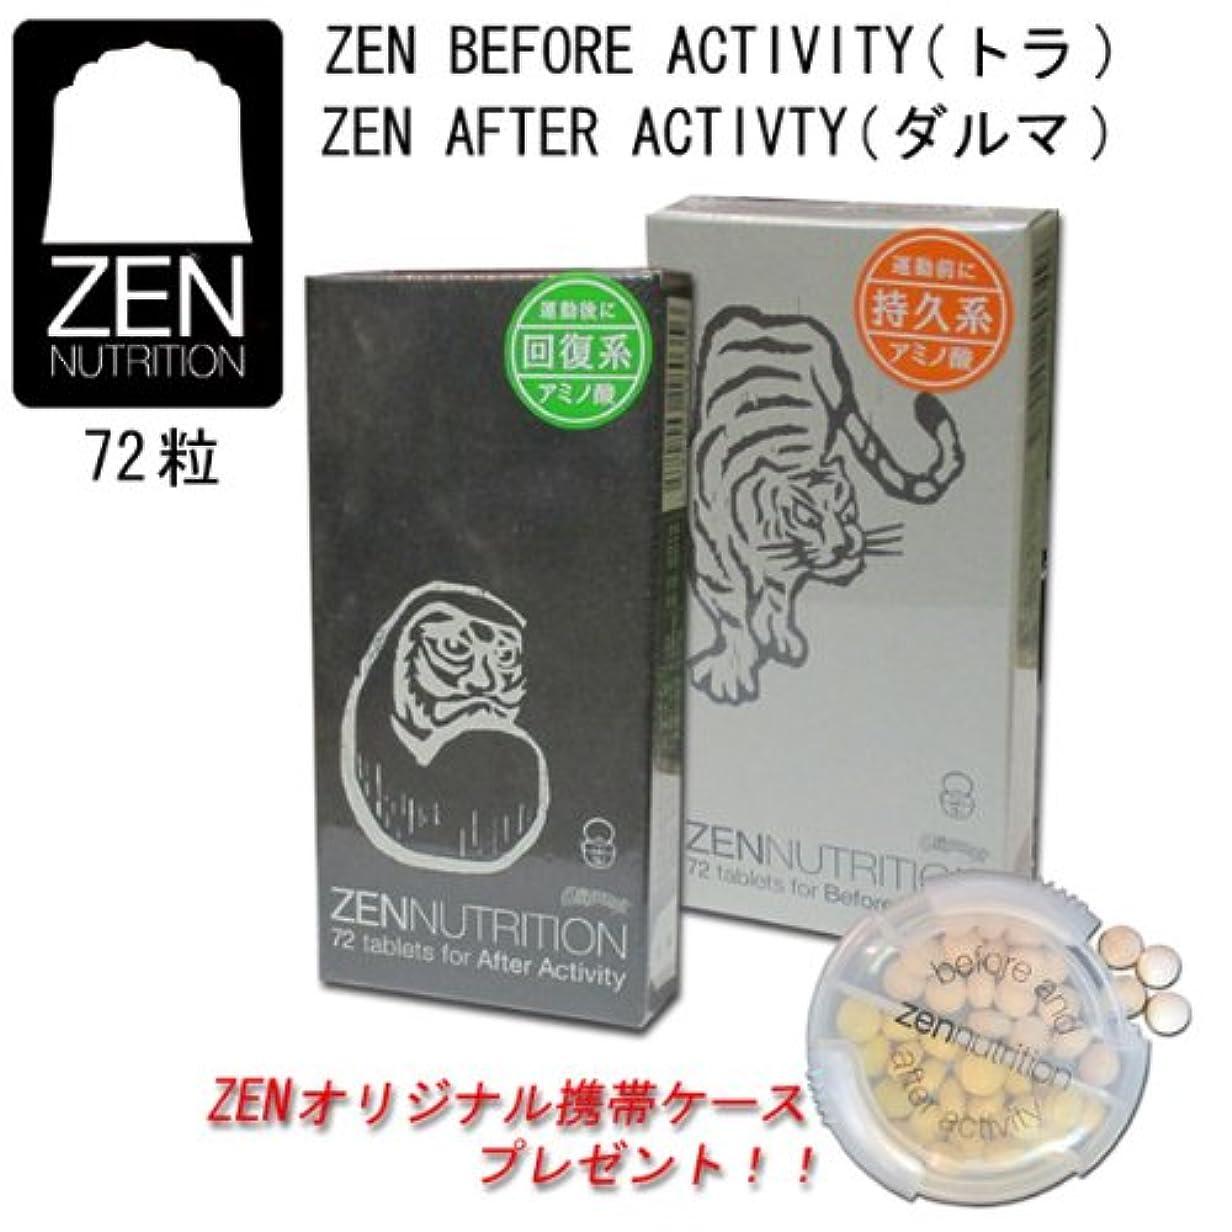 常識中級脇にZEN ACTIVITY(トラ&ダルマ) ゼンサプリメントセット(72粒) アミノ酸/セットが 携帯ケースプレゼント!